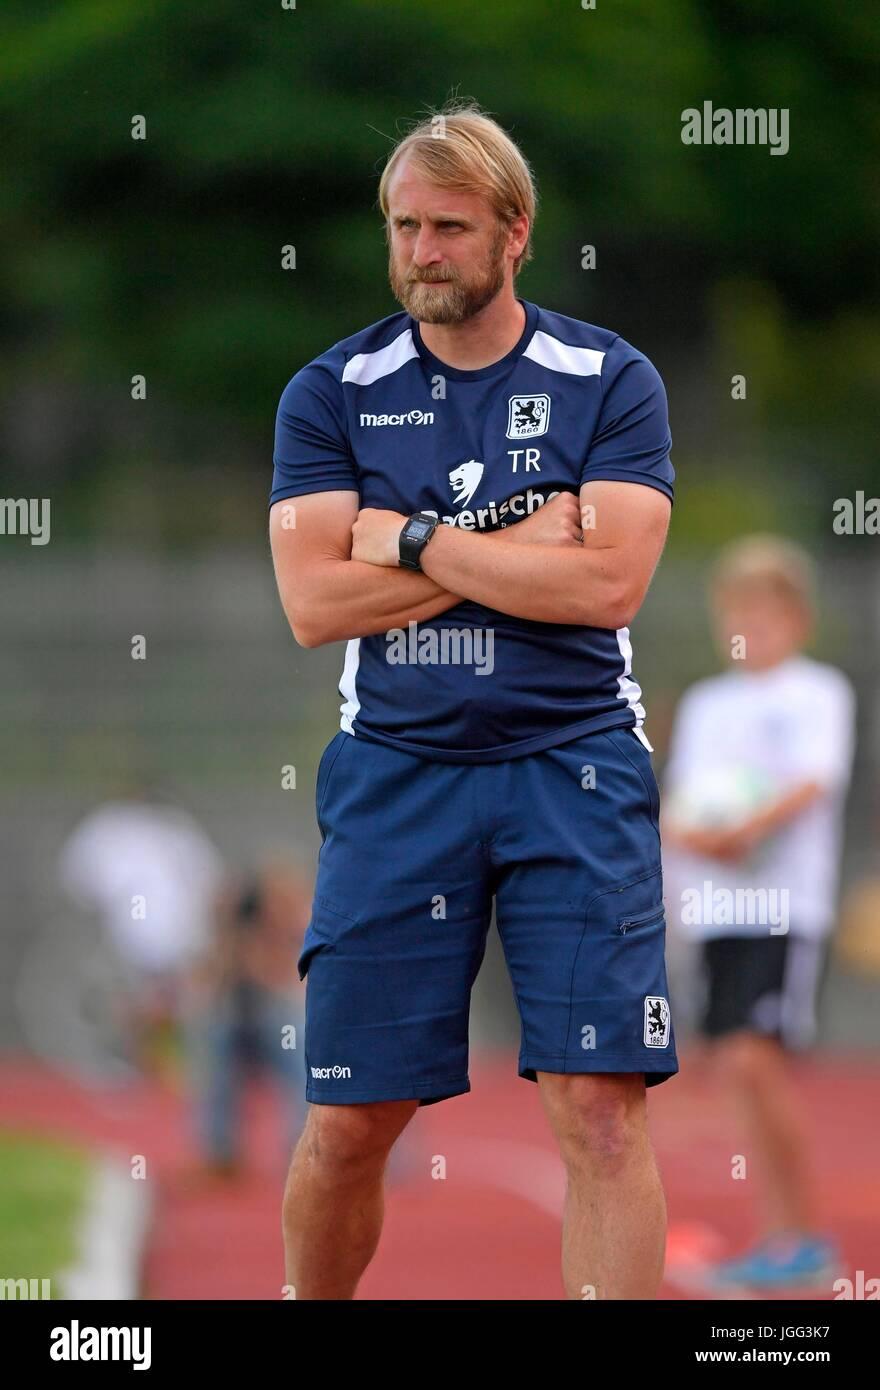 05.07.2017, Fussball Regionalliga Bayern 2017/2018, Saisonvorbereitung, Testspiel SpVgg Landshut - TSV 1860 München, - Stock Image